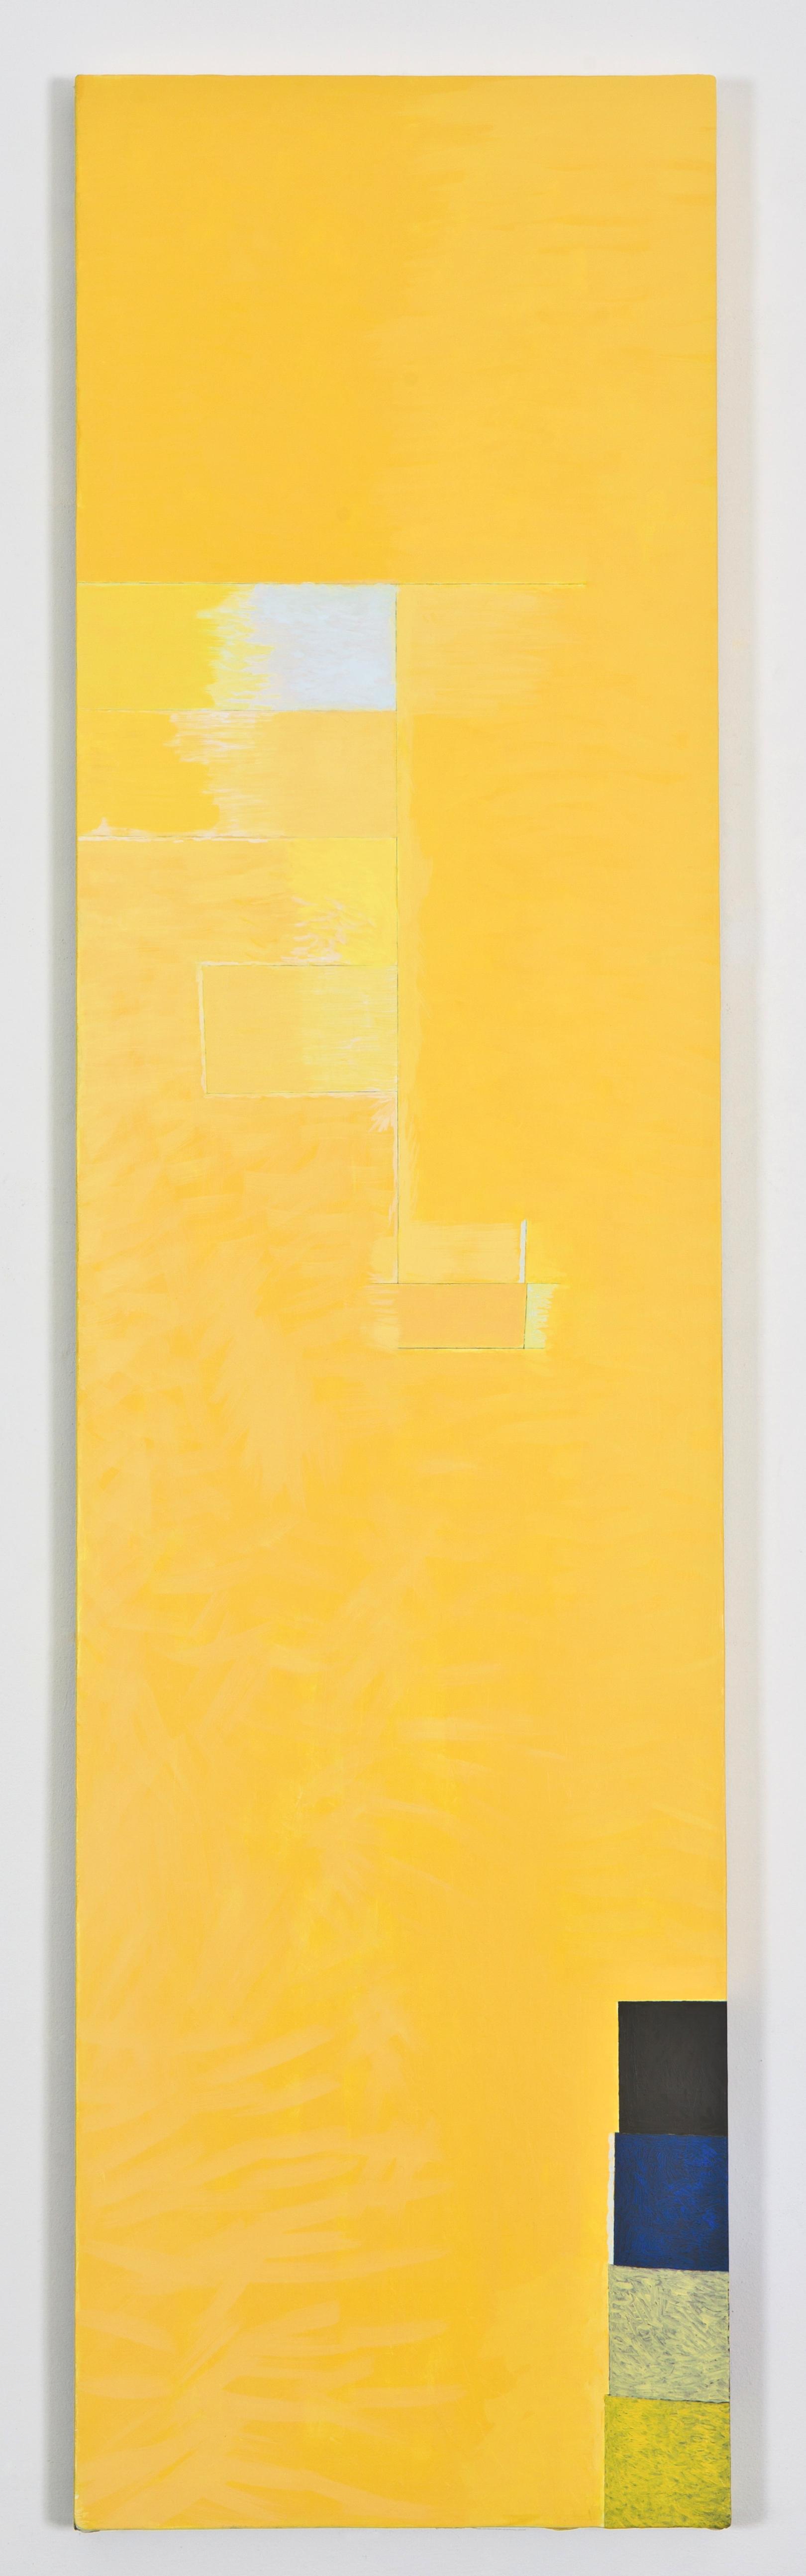 """Breathless, 2012, oil on linen, 66 1/2""""x17 1/2"""""""